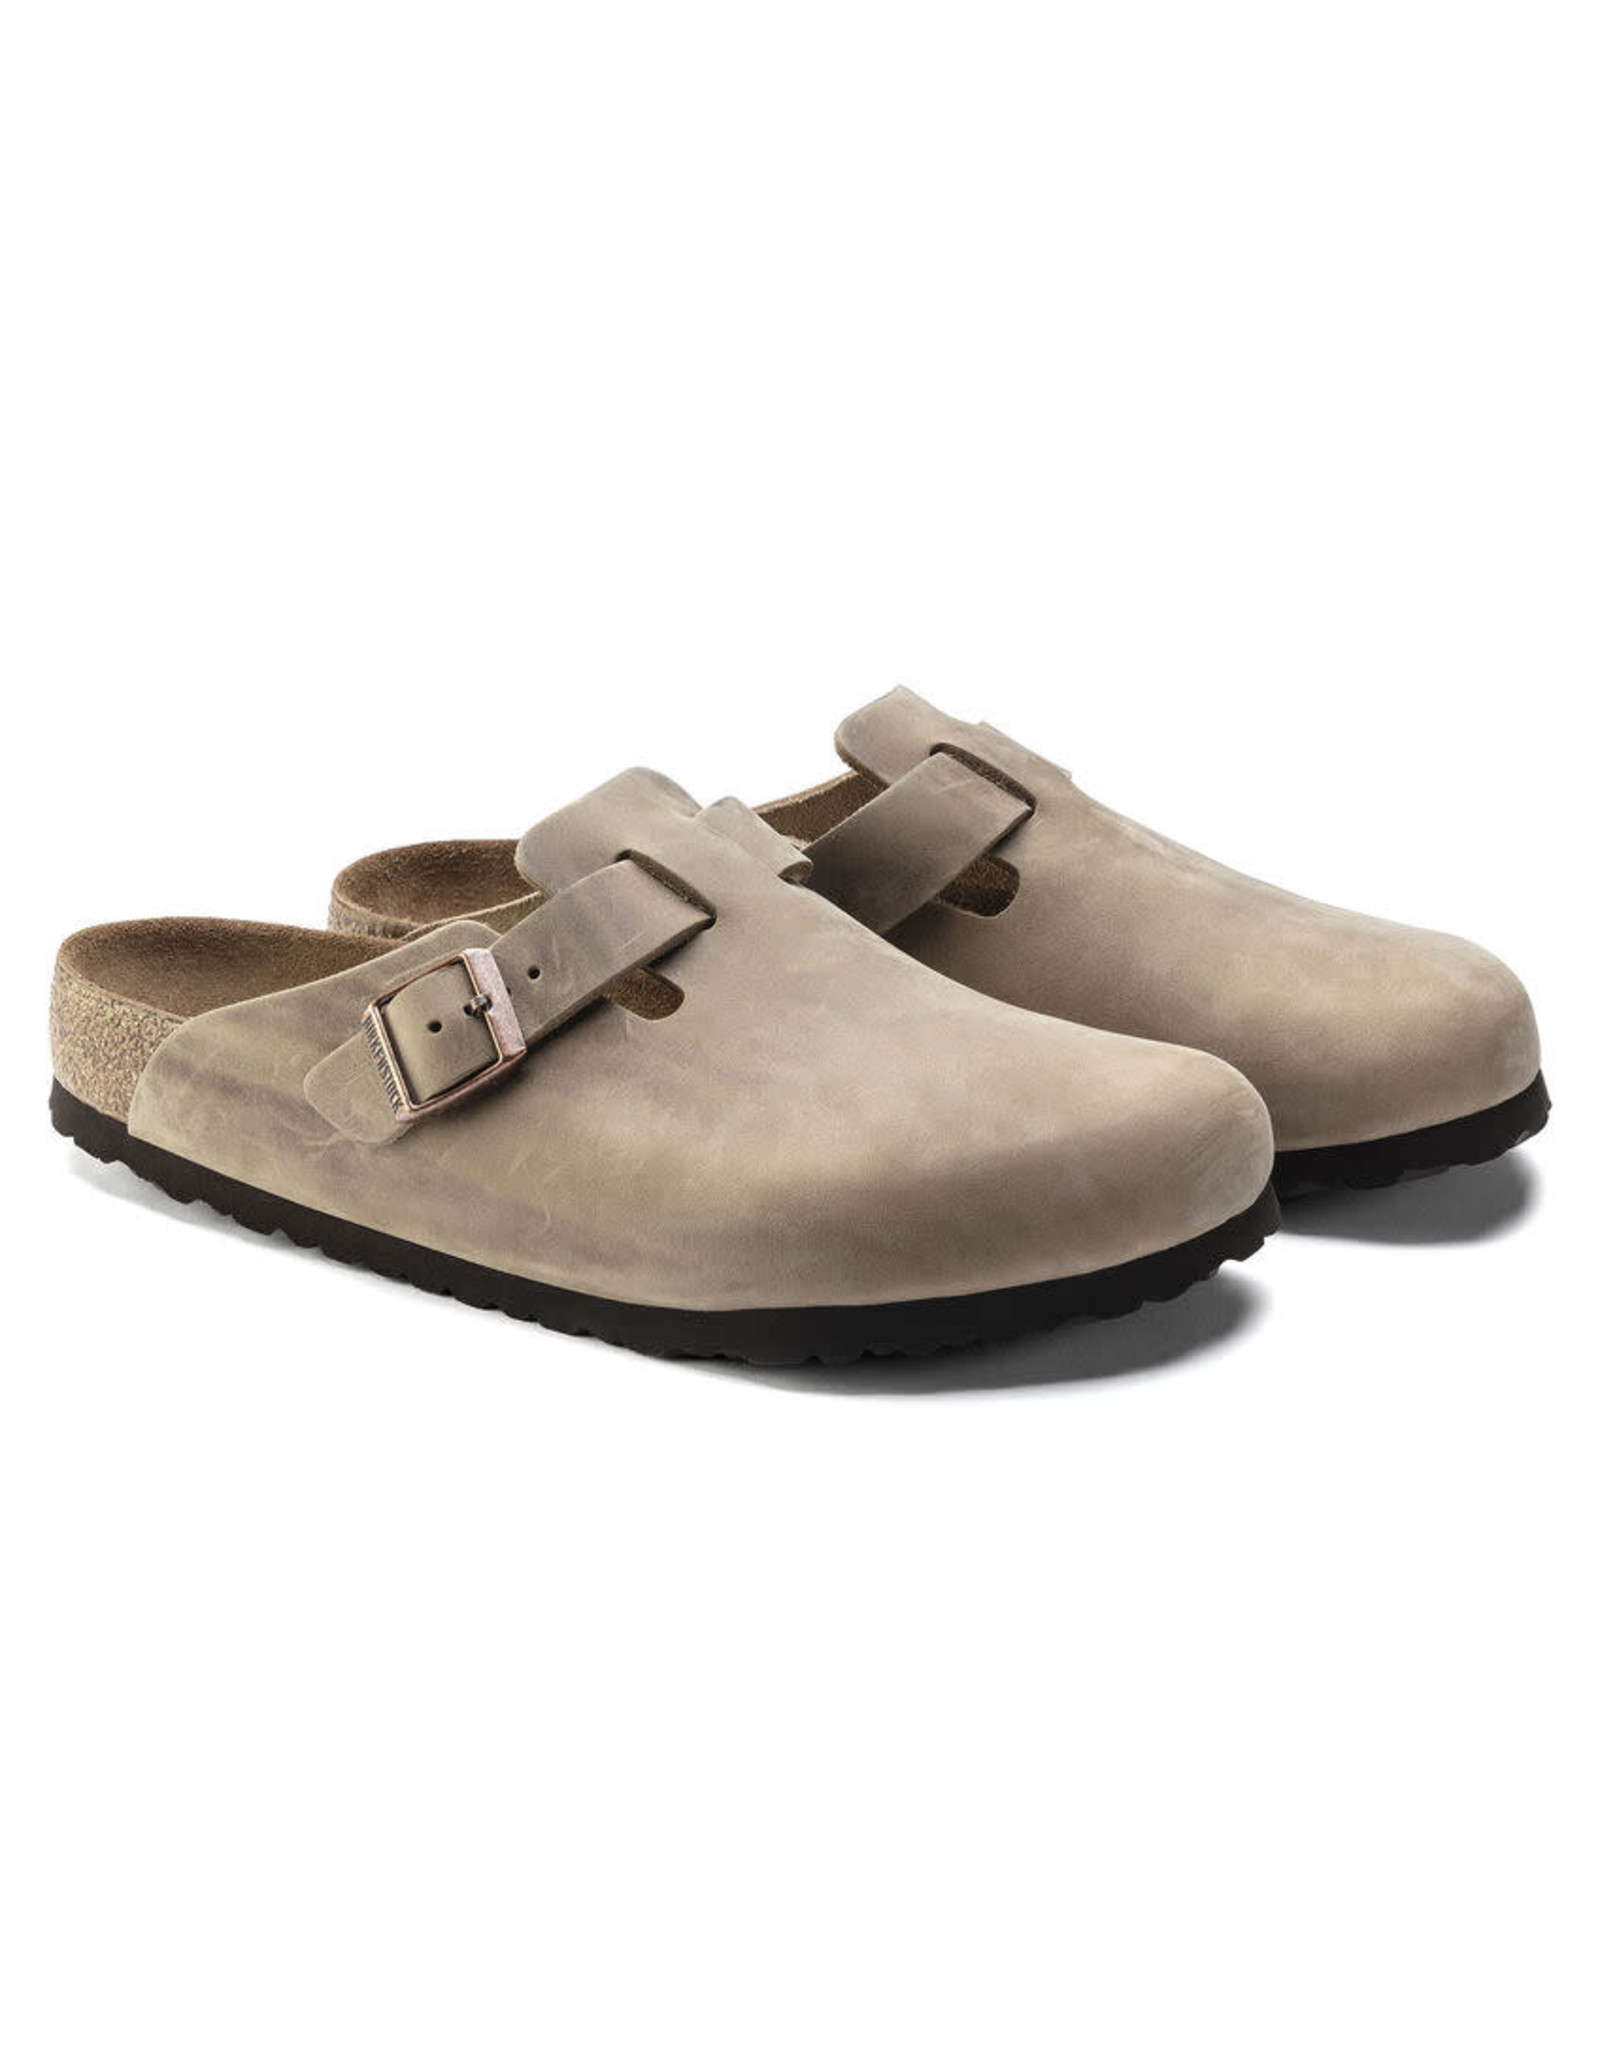 Birkenstock Boston Leather Soft Footbed Clog